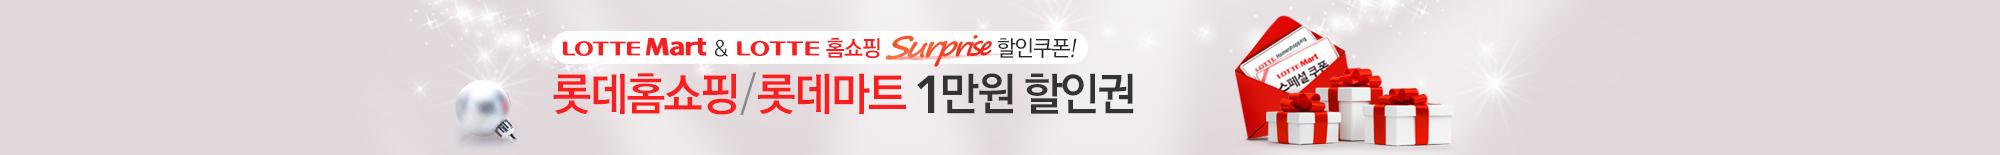 롯데홈쇼핑 Surprise 할인쿠폰